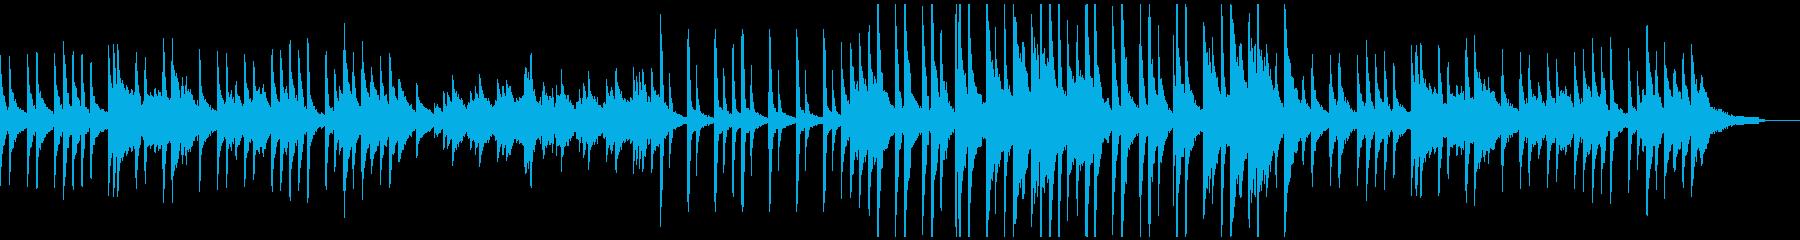 ノベルゲーみたいなノスタルジックなピアノの再生済みの波形